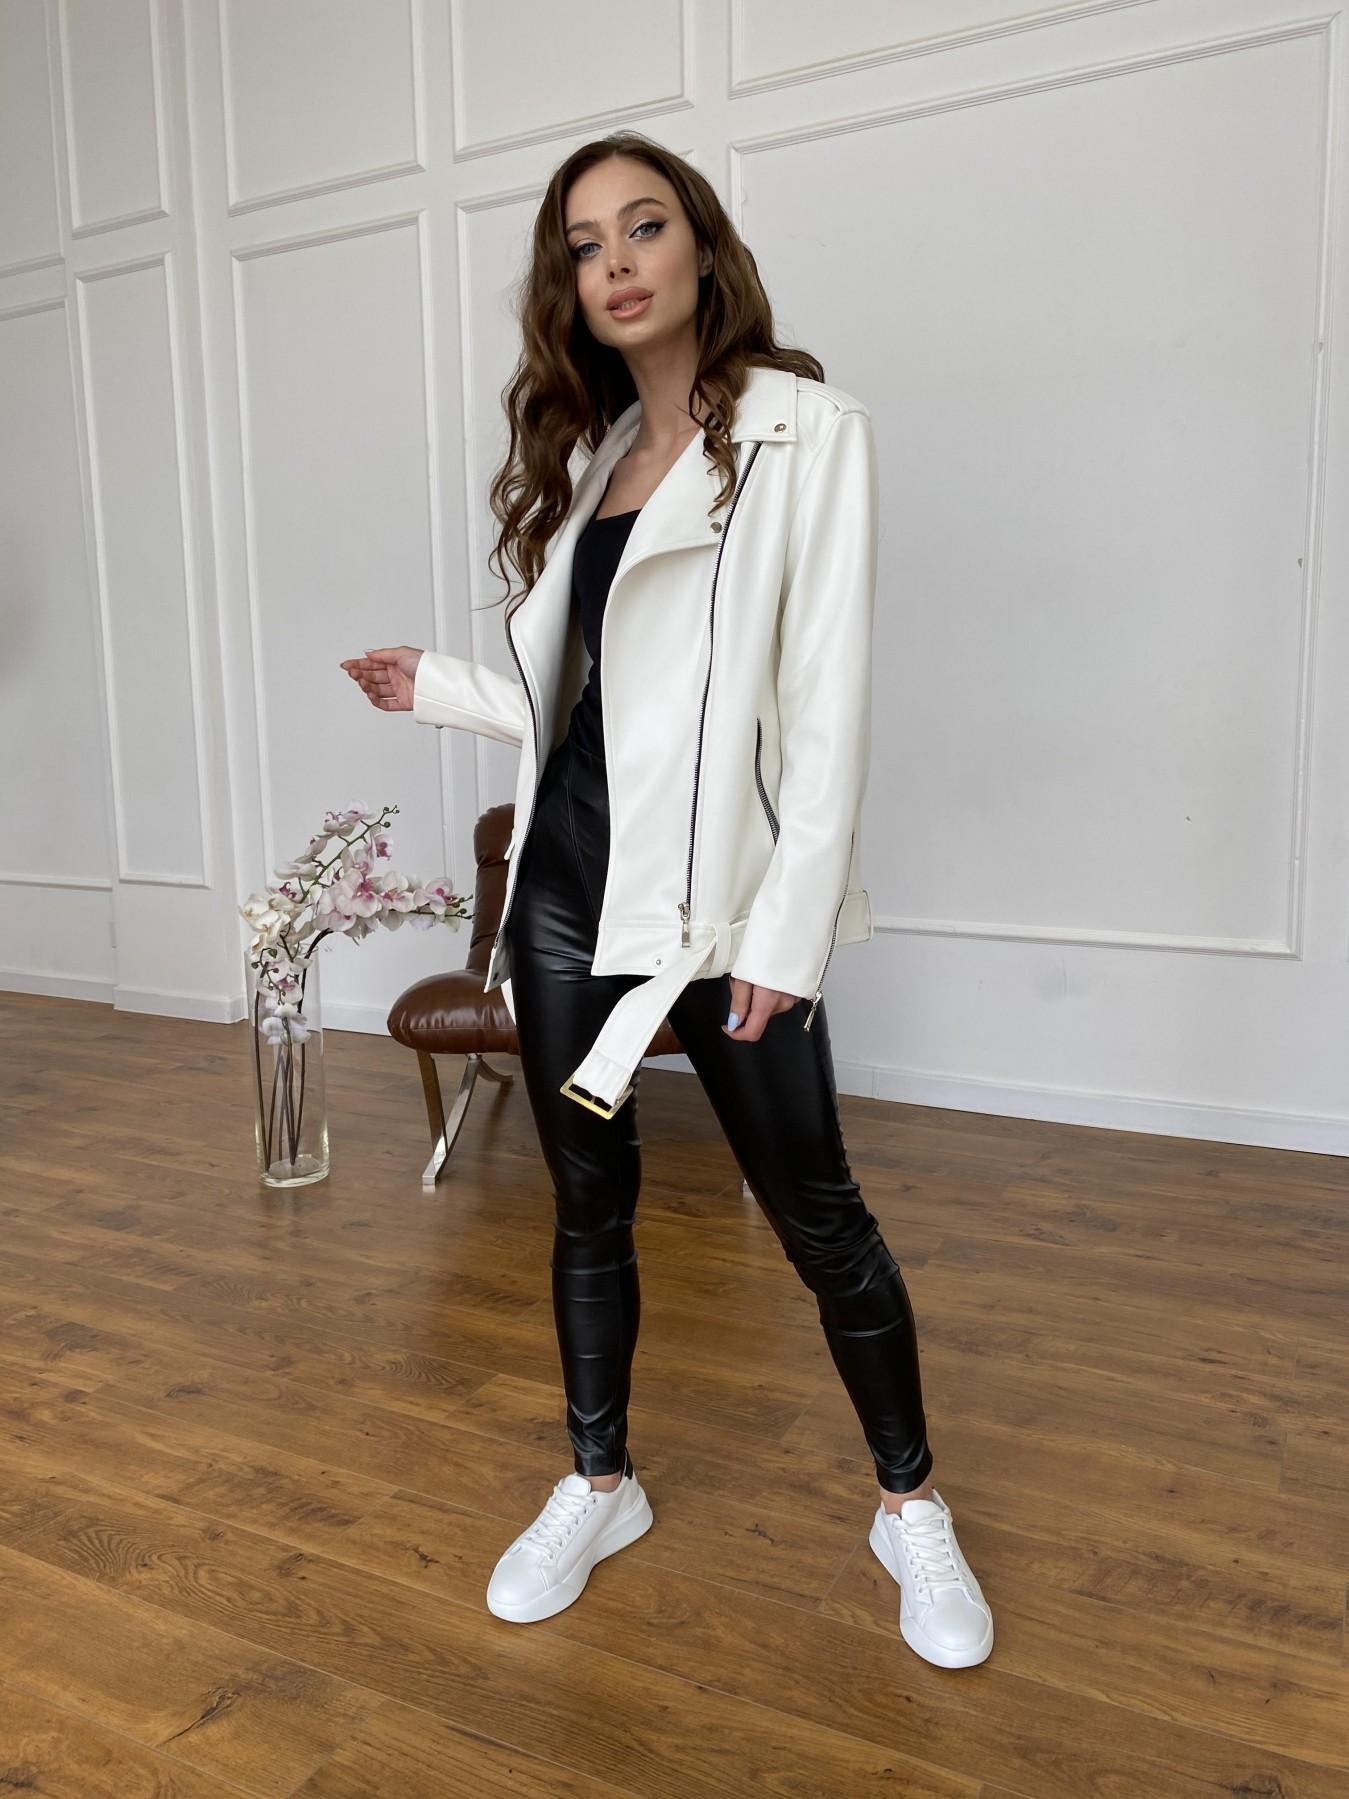 Босс куртка из экокожи прокатанной  11173 АРТ. 47683 Цвет: Молоко - фото 5, интернет магазин tm-modus.ru